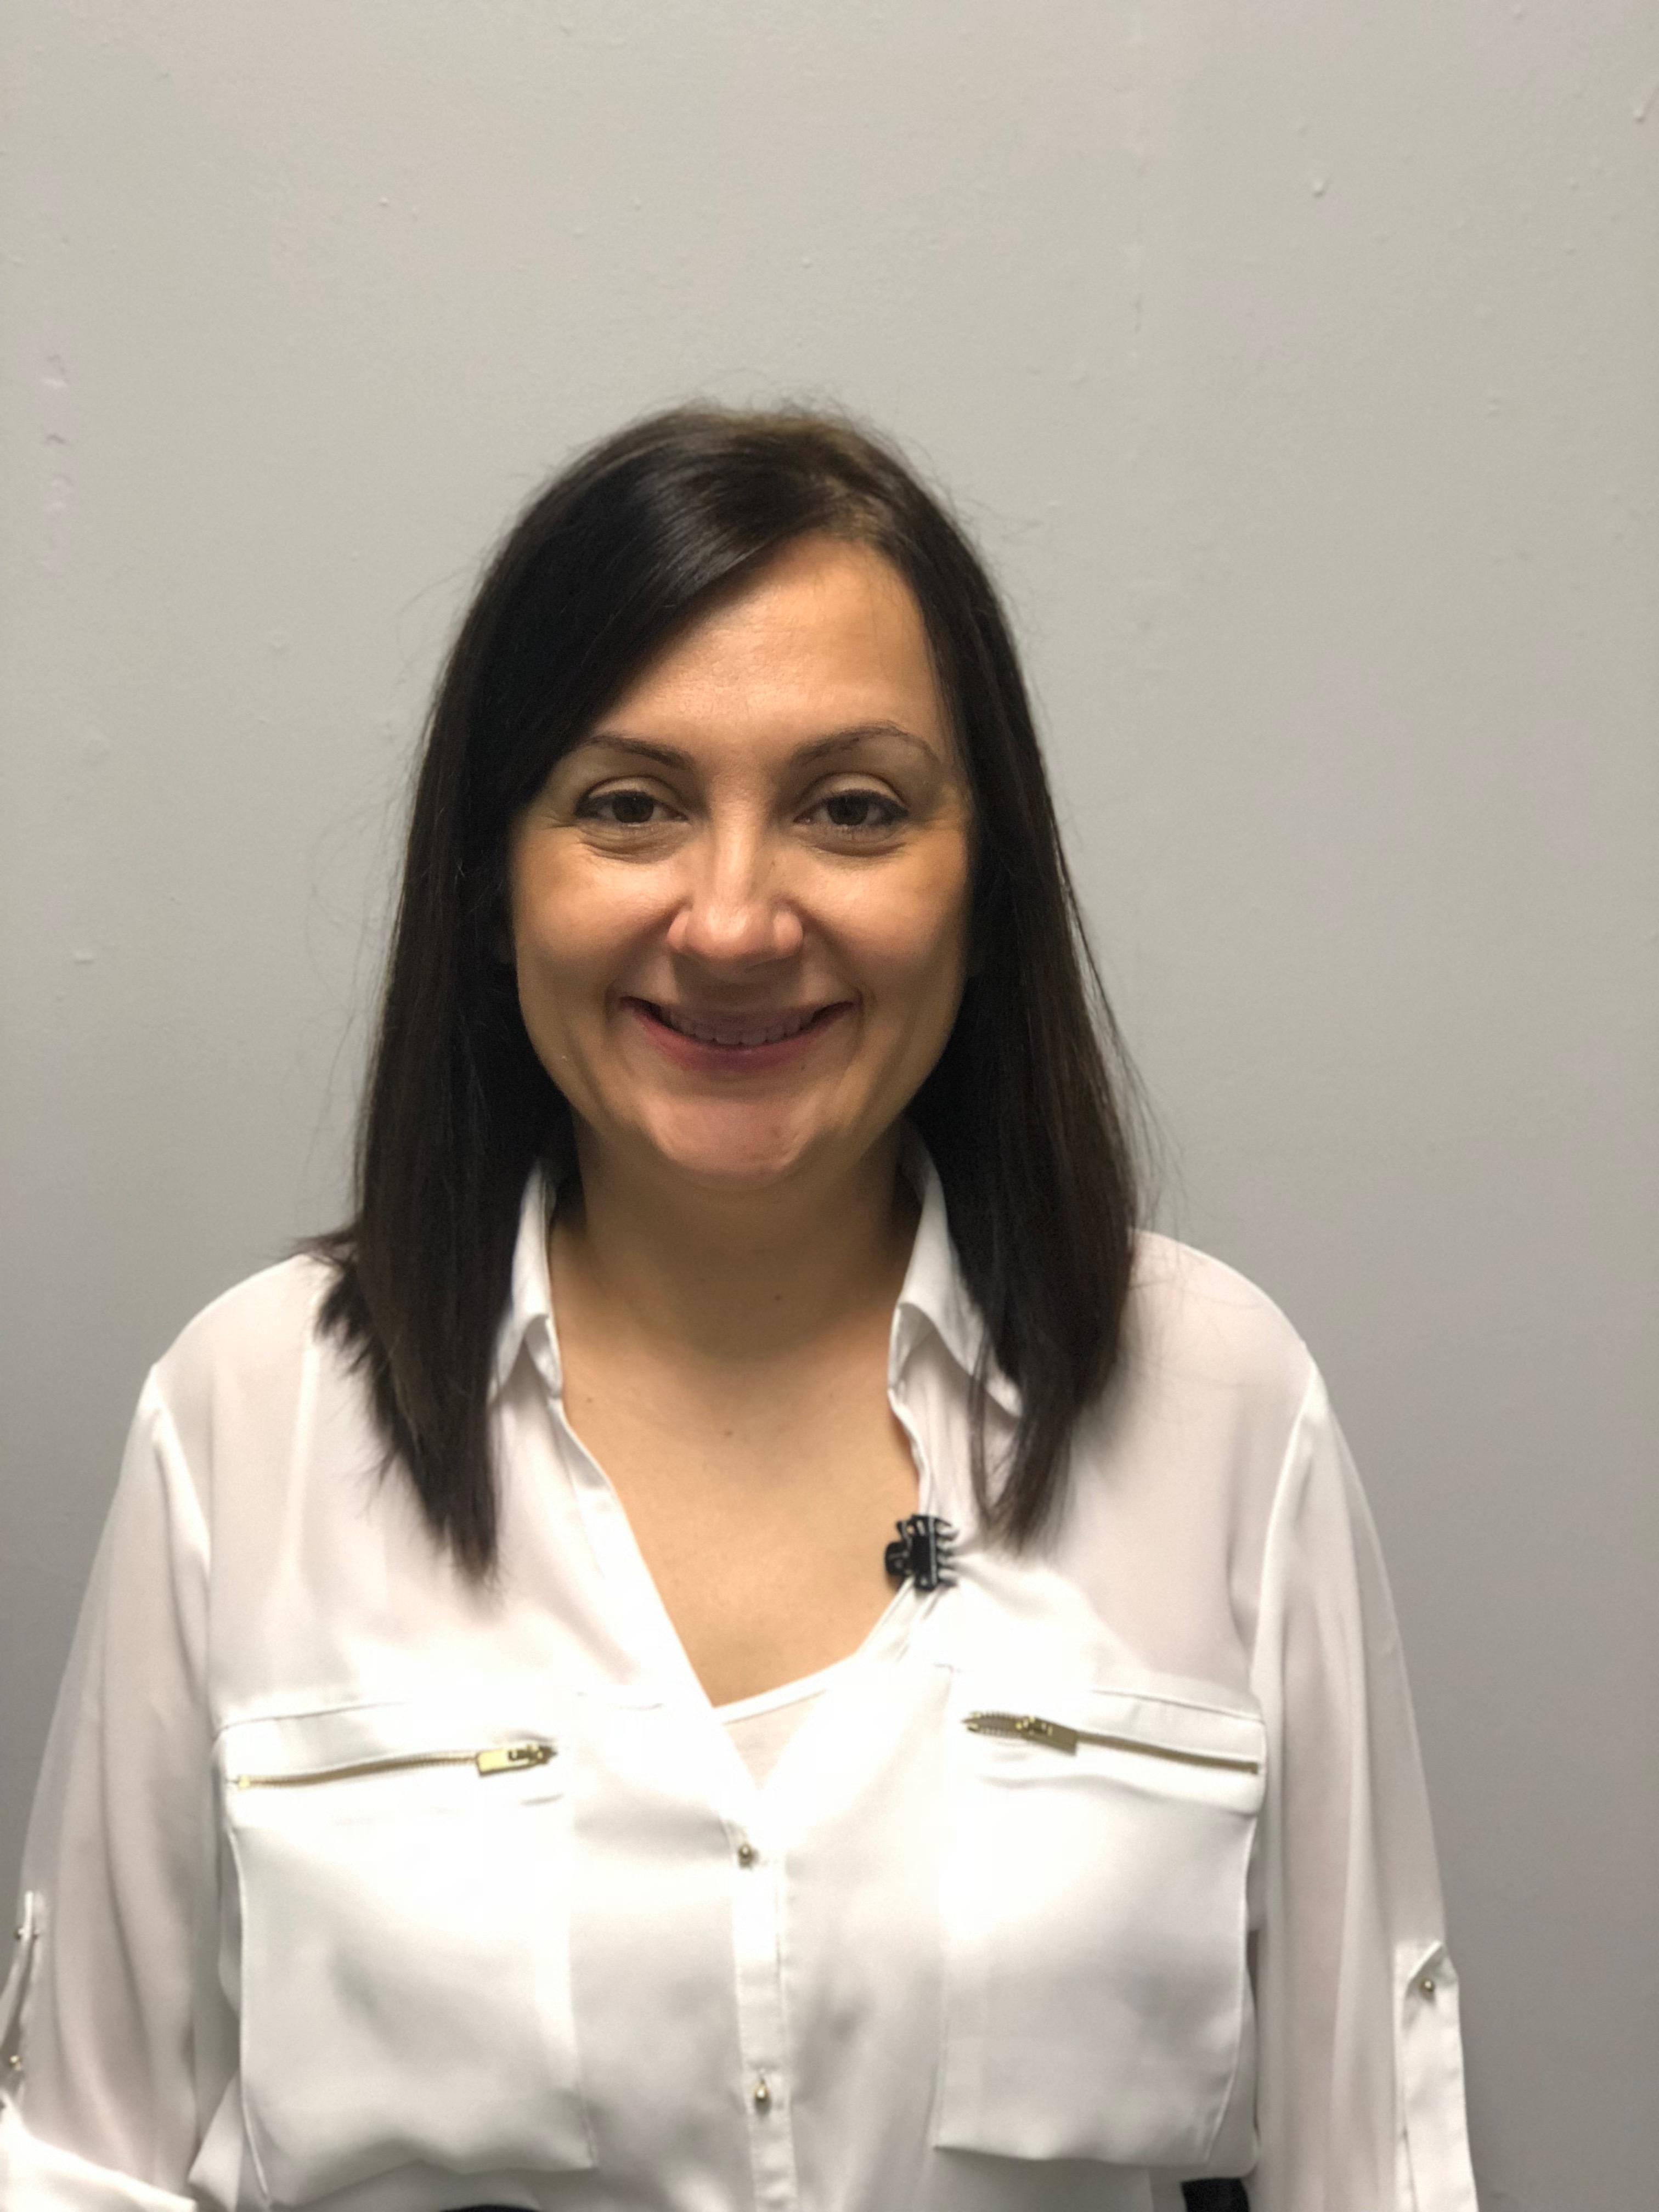 Dr Raluca Carty